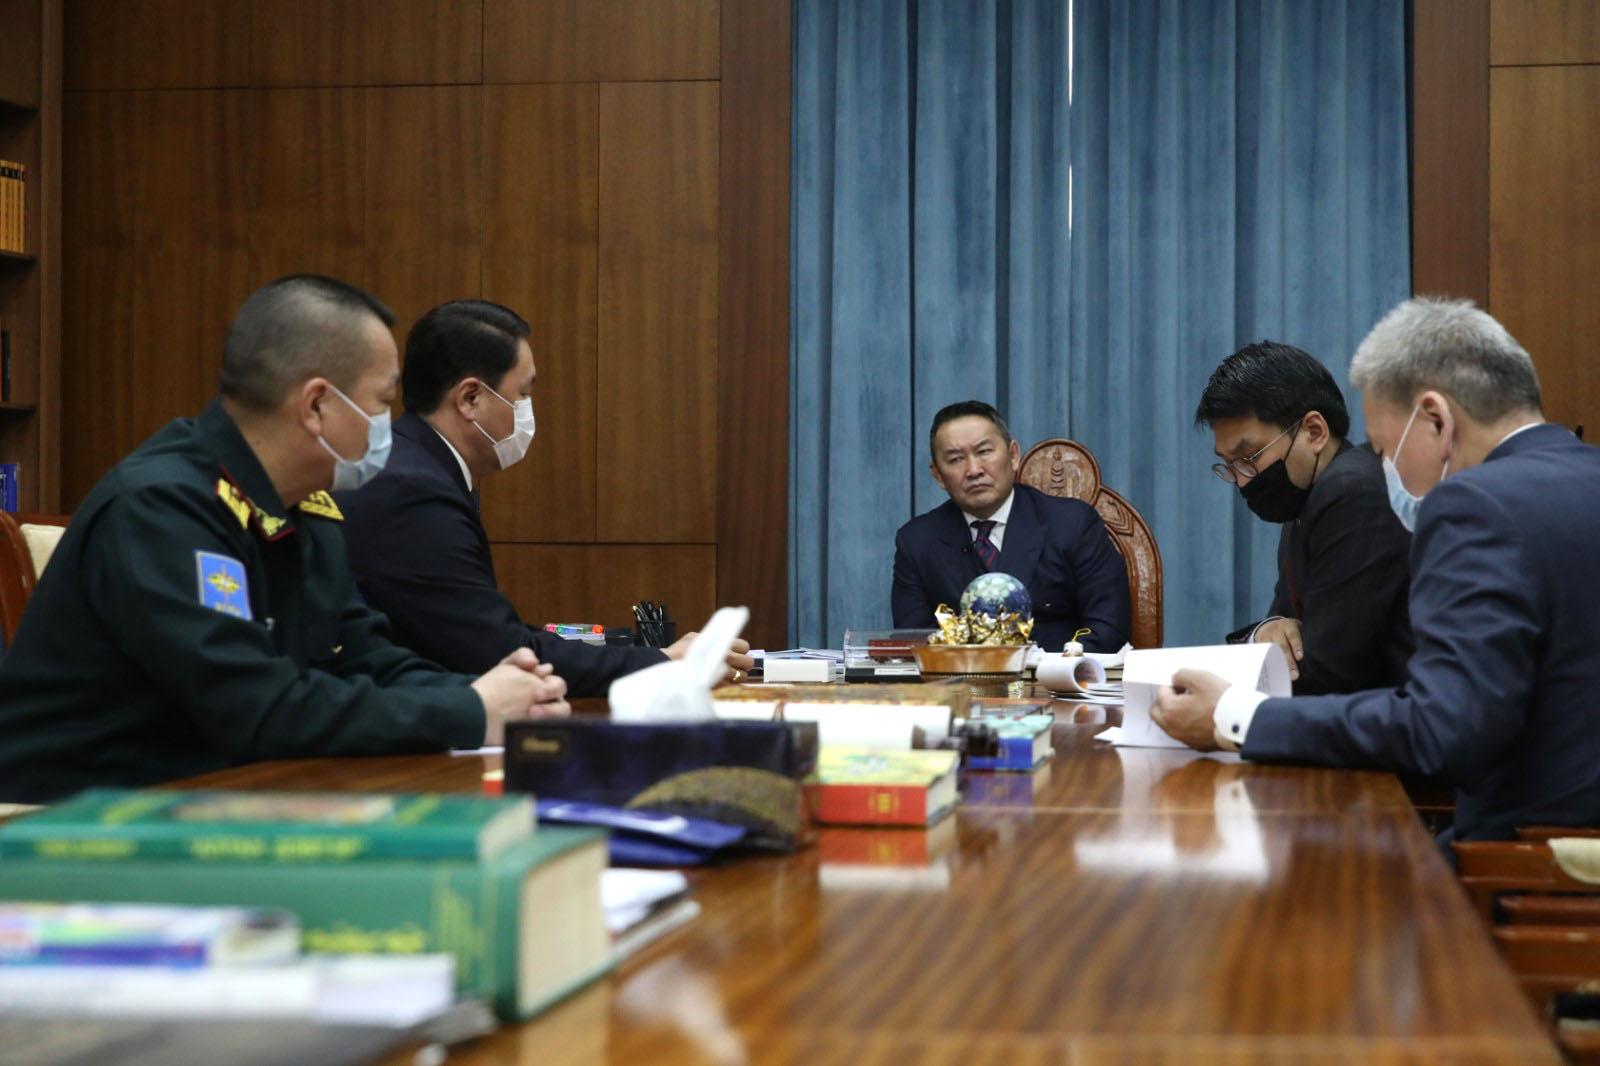 Монгол Улсын Ерөнхийлөгч Х.Баттулга Батлан хамгаалахын сайд Г.Сайханбаяр, Зэвсэгт хүчний Жанжин штабын дарга Д.Ганзориг нарыг хүлээн авч уулзлаа